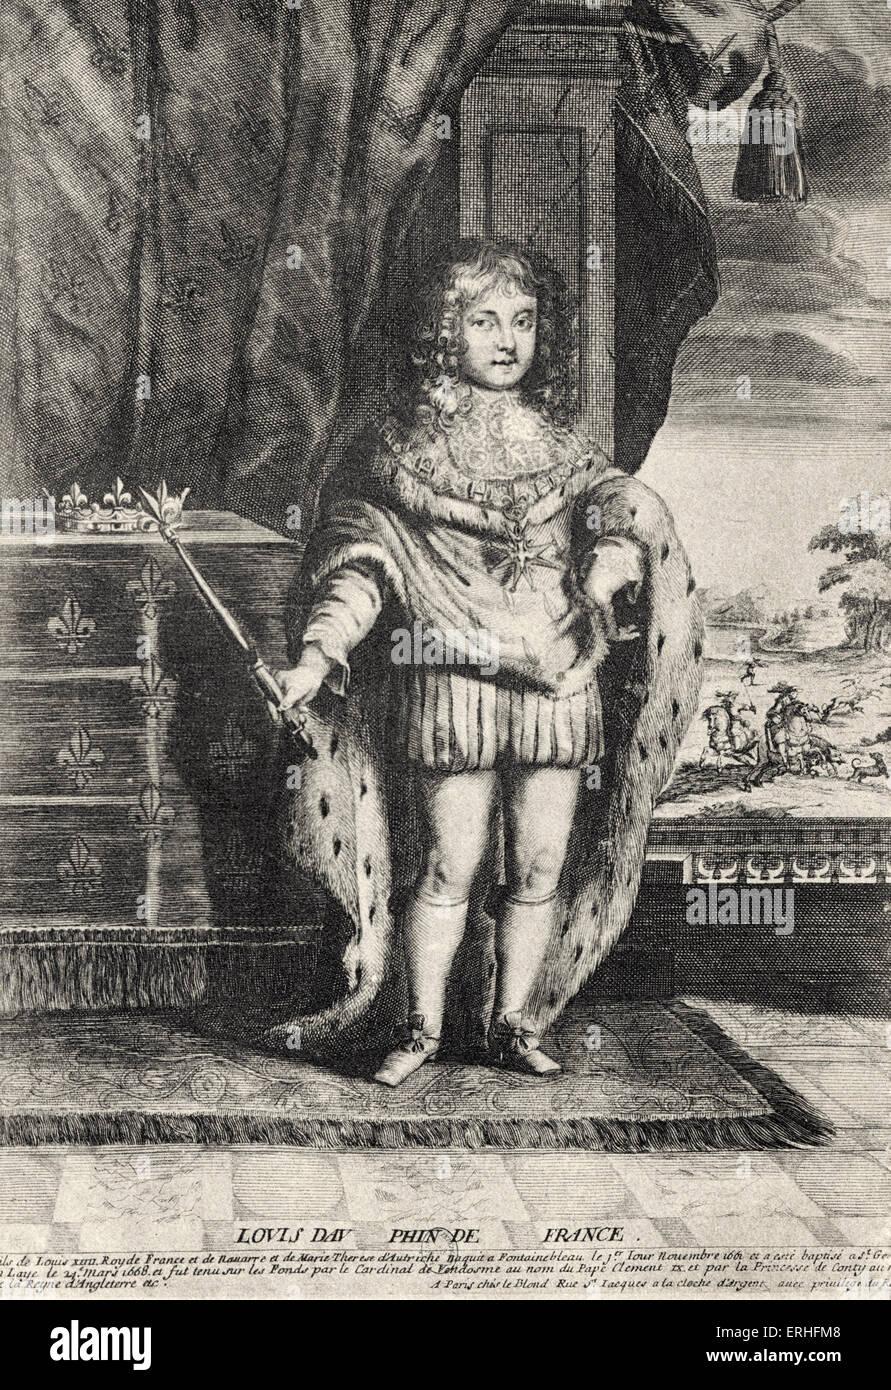 Le Grand Dauphin, Louis de France - portrait du fils du monarque français (Louis XIV, roi Soleil Roi Soleil) et Banque D'Images